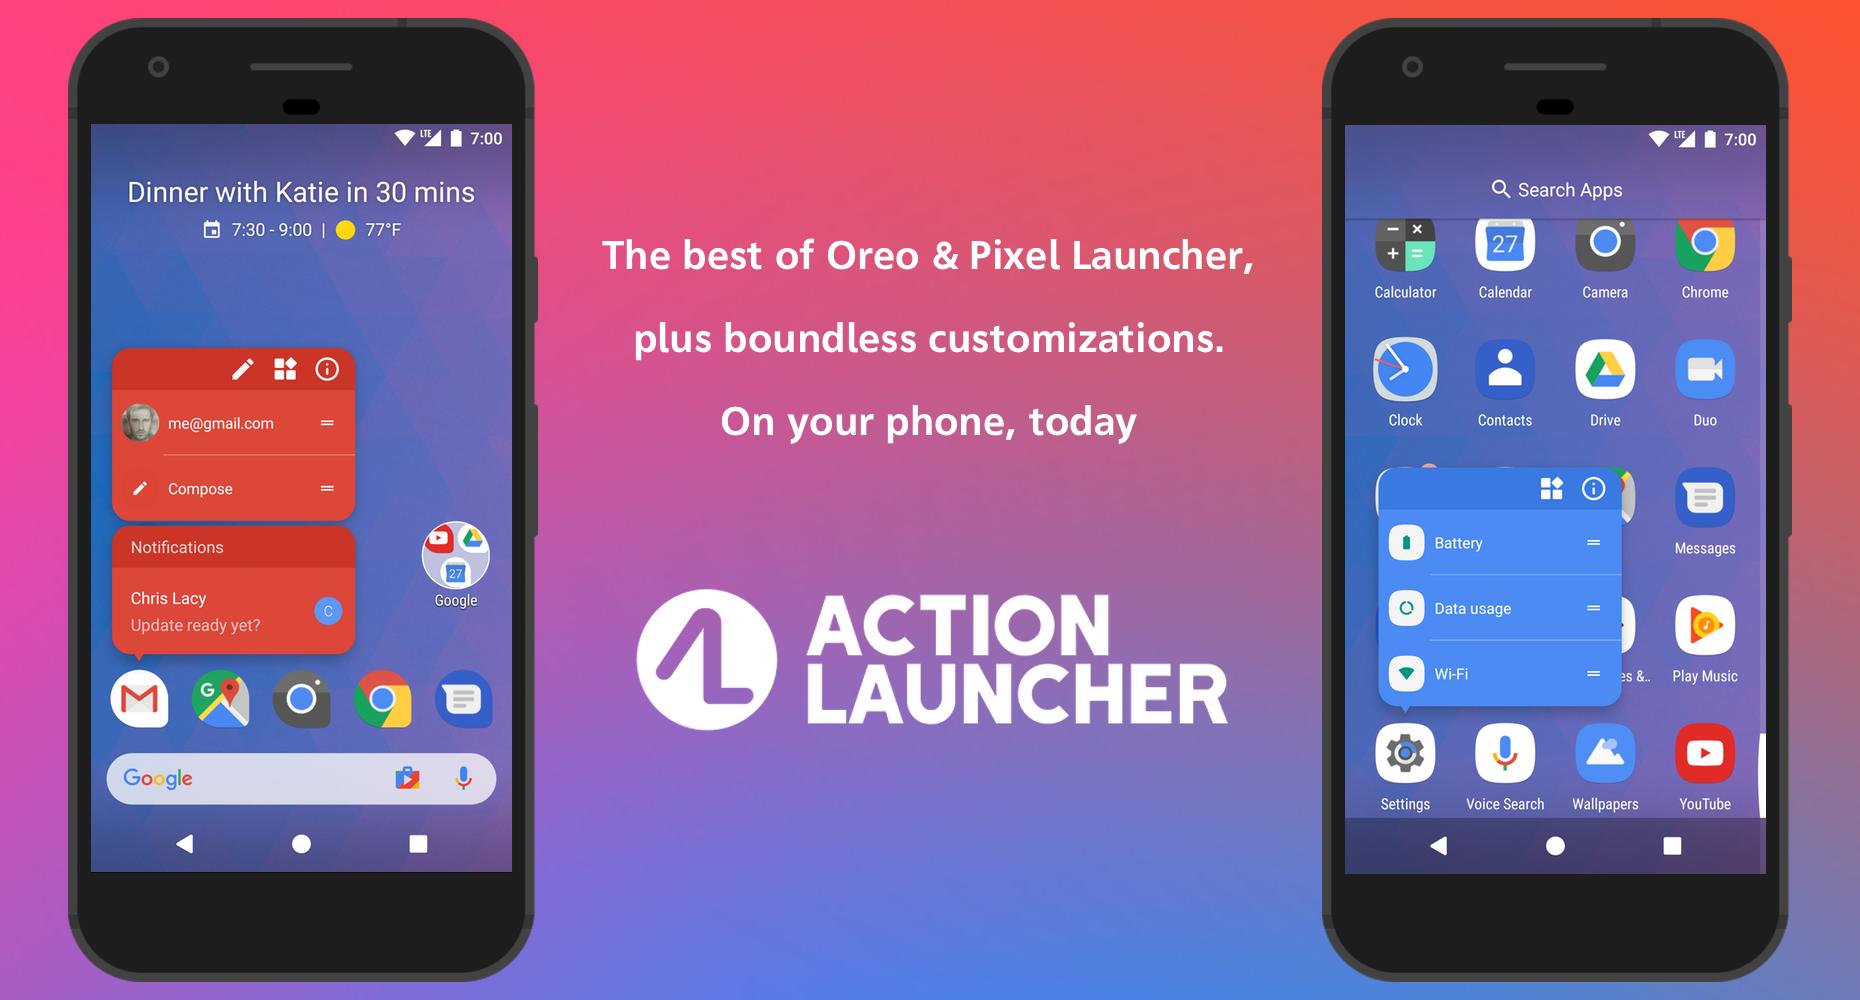 تحميل تطبيق افضل تطبيق لانشر Action Launcher لهواتف اندرويد